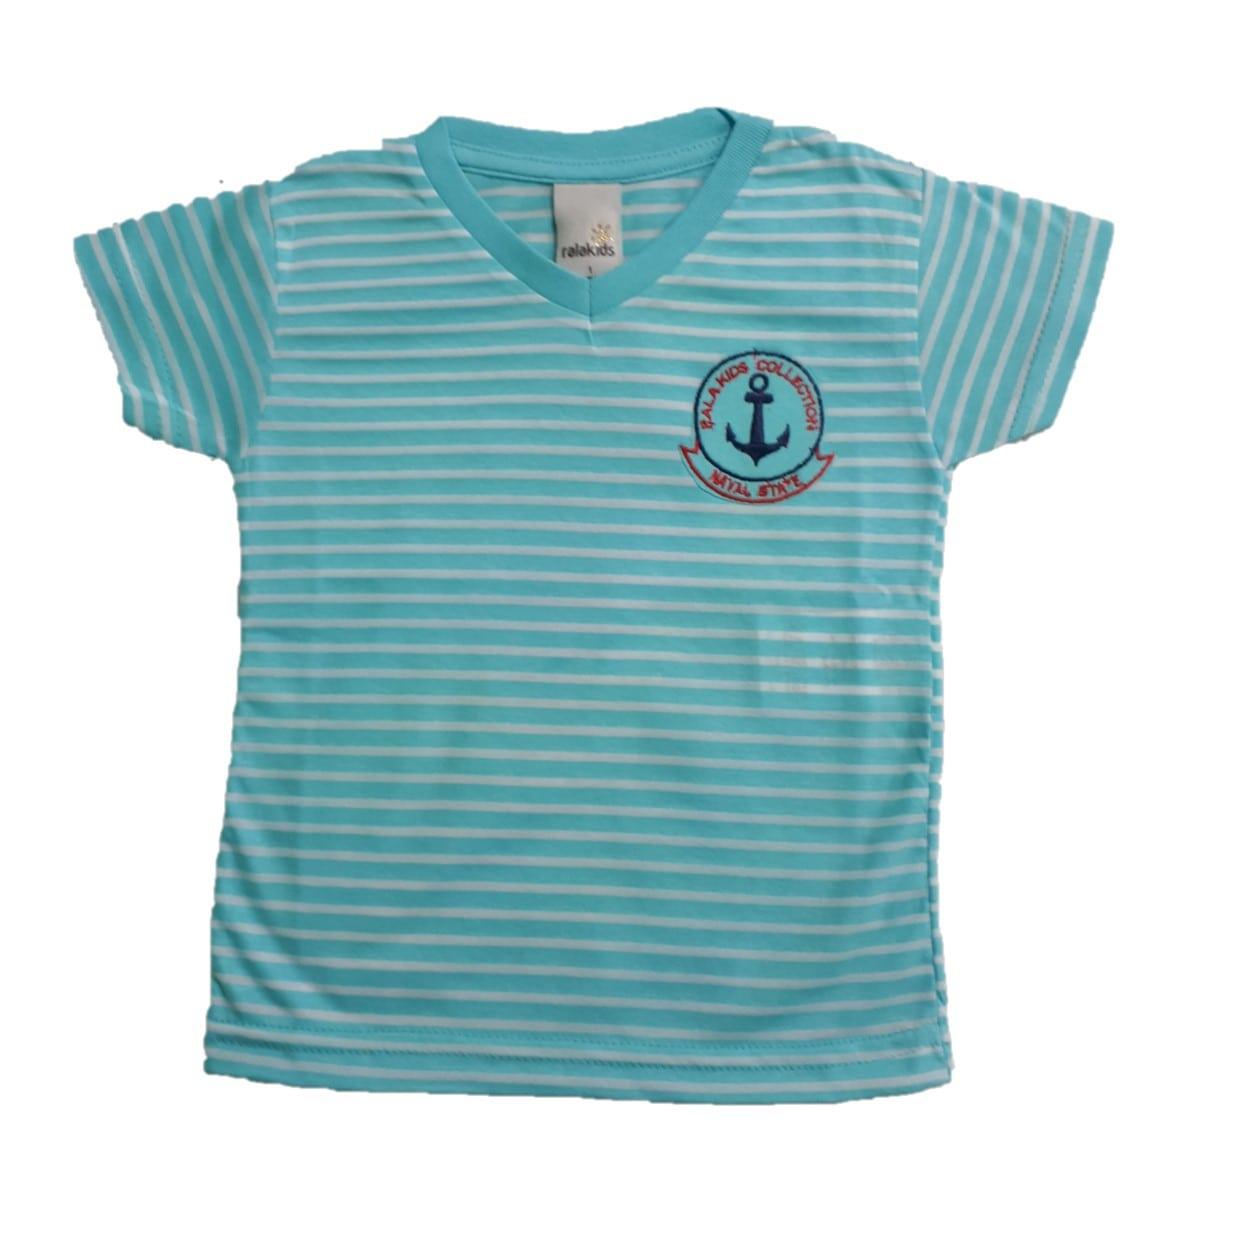 Camiseta Infantil Listras Azul  - Jeito Infantil